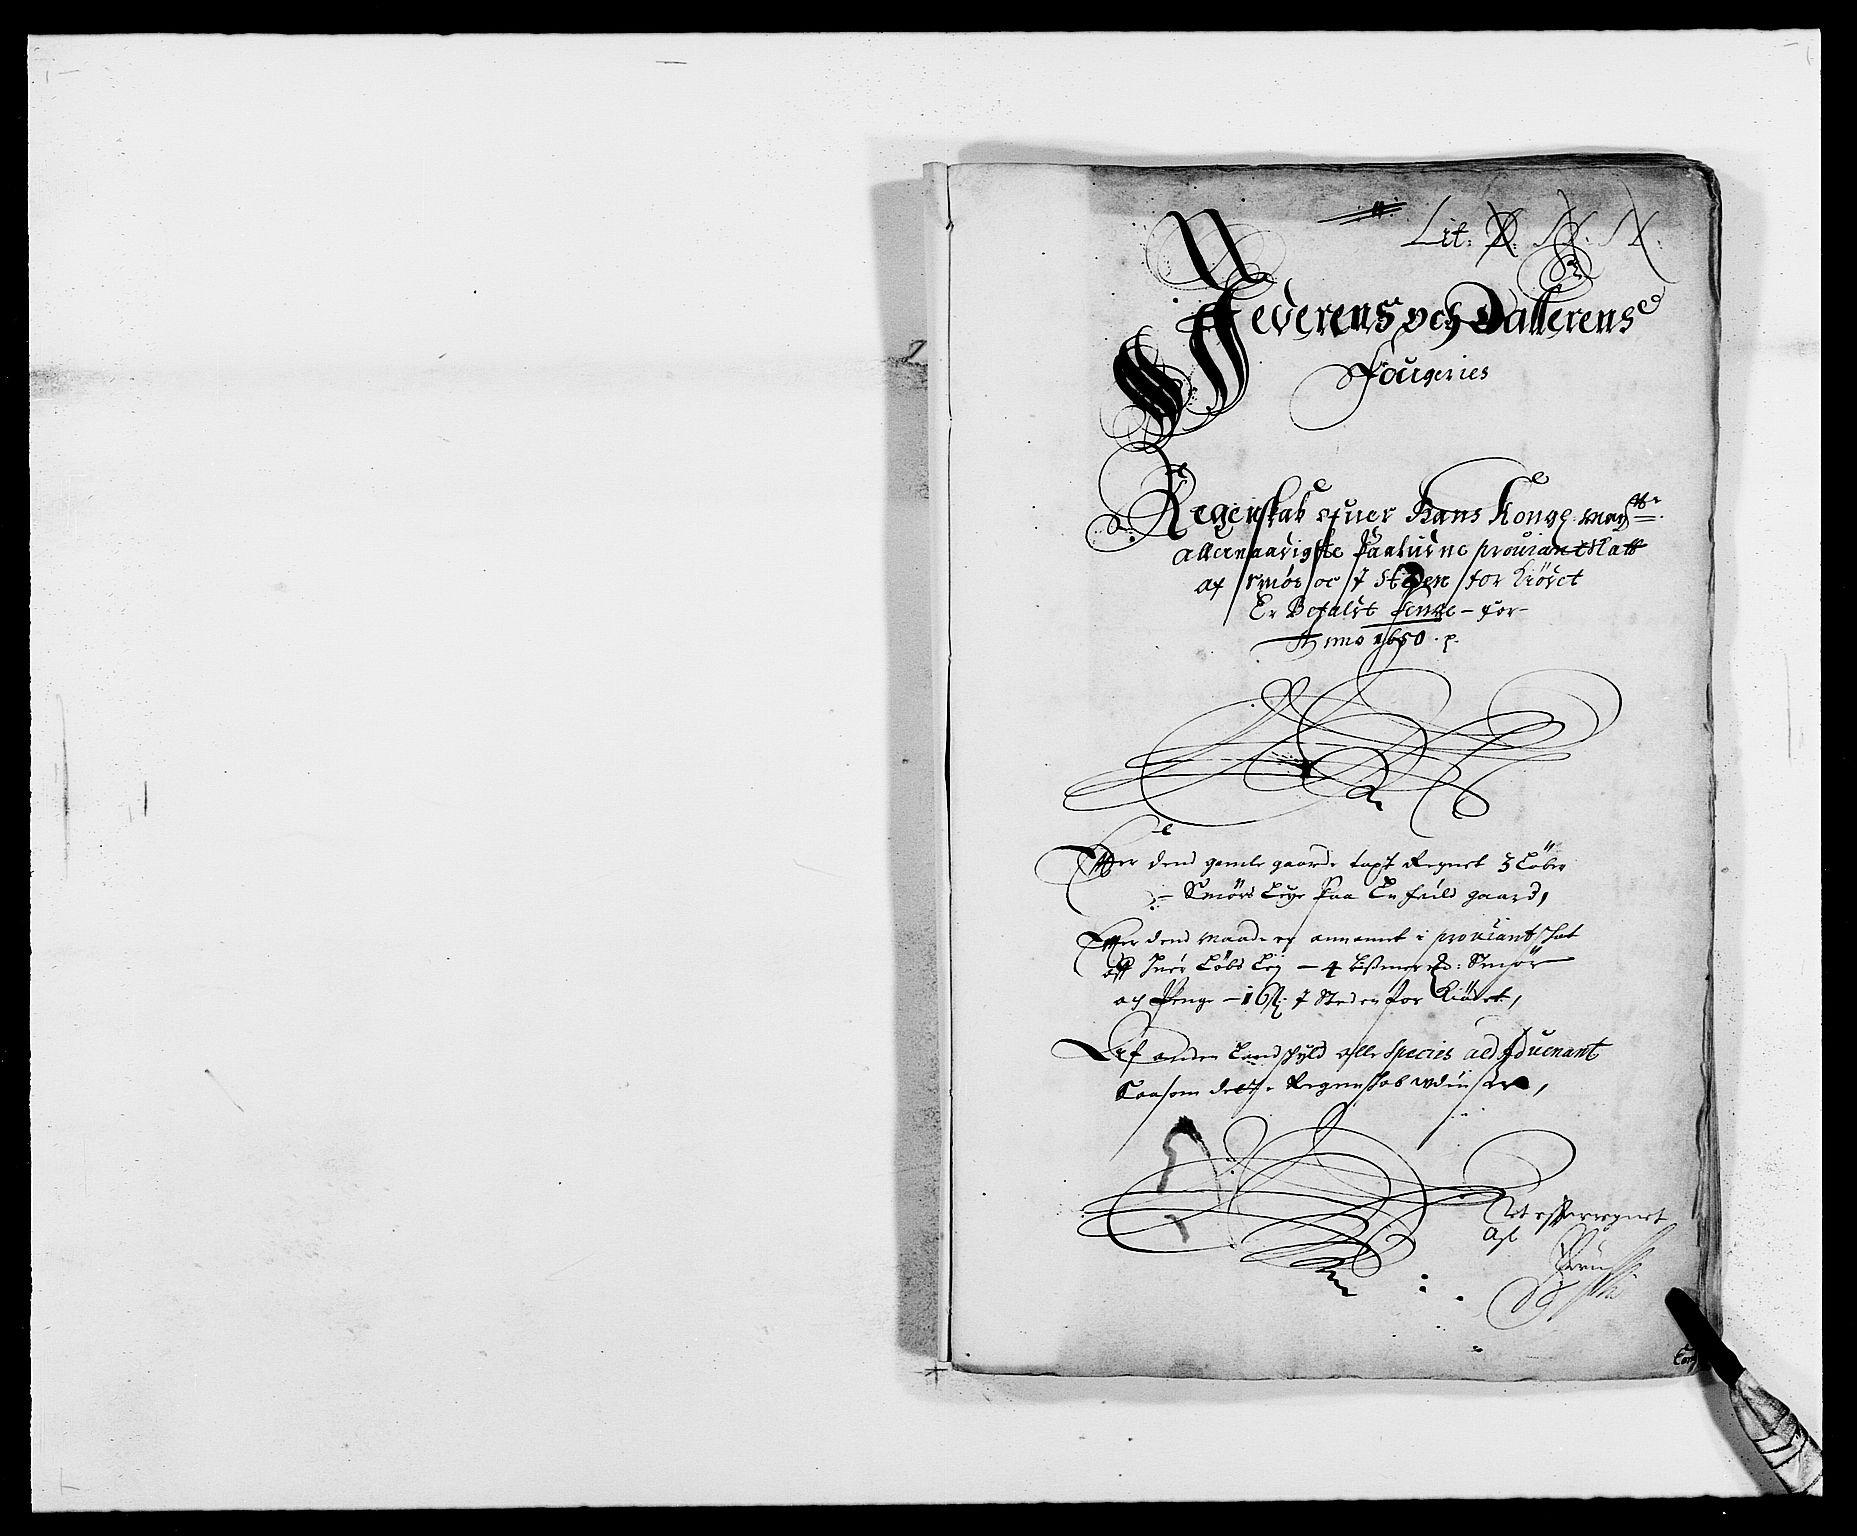 RA, Rentekammeret inntil 1814, Reviderte regnskaper, Fogderegnskap, R46/L2721: Fogderegnskap Jæren og Dalane, 1680, s. 112